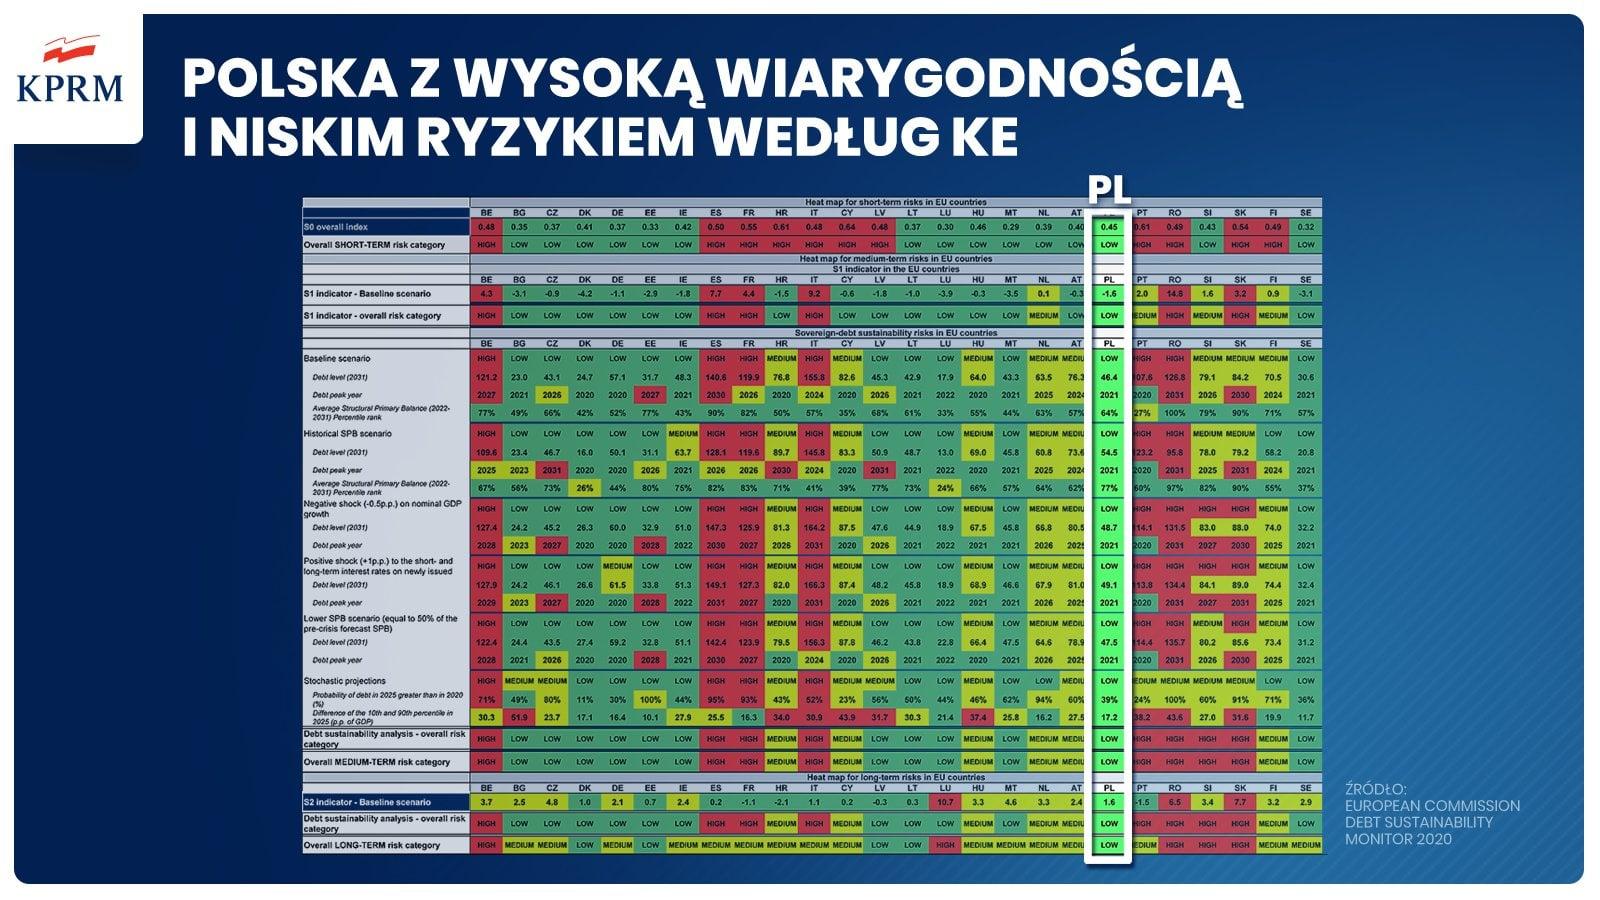 Komisja Europejska przedstawiła bardzo dobre dane dla Polski